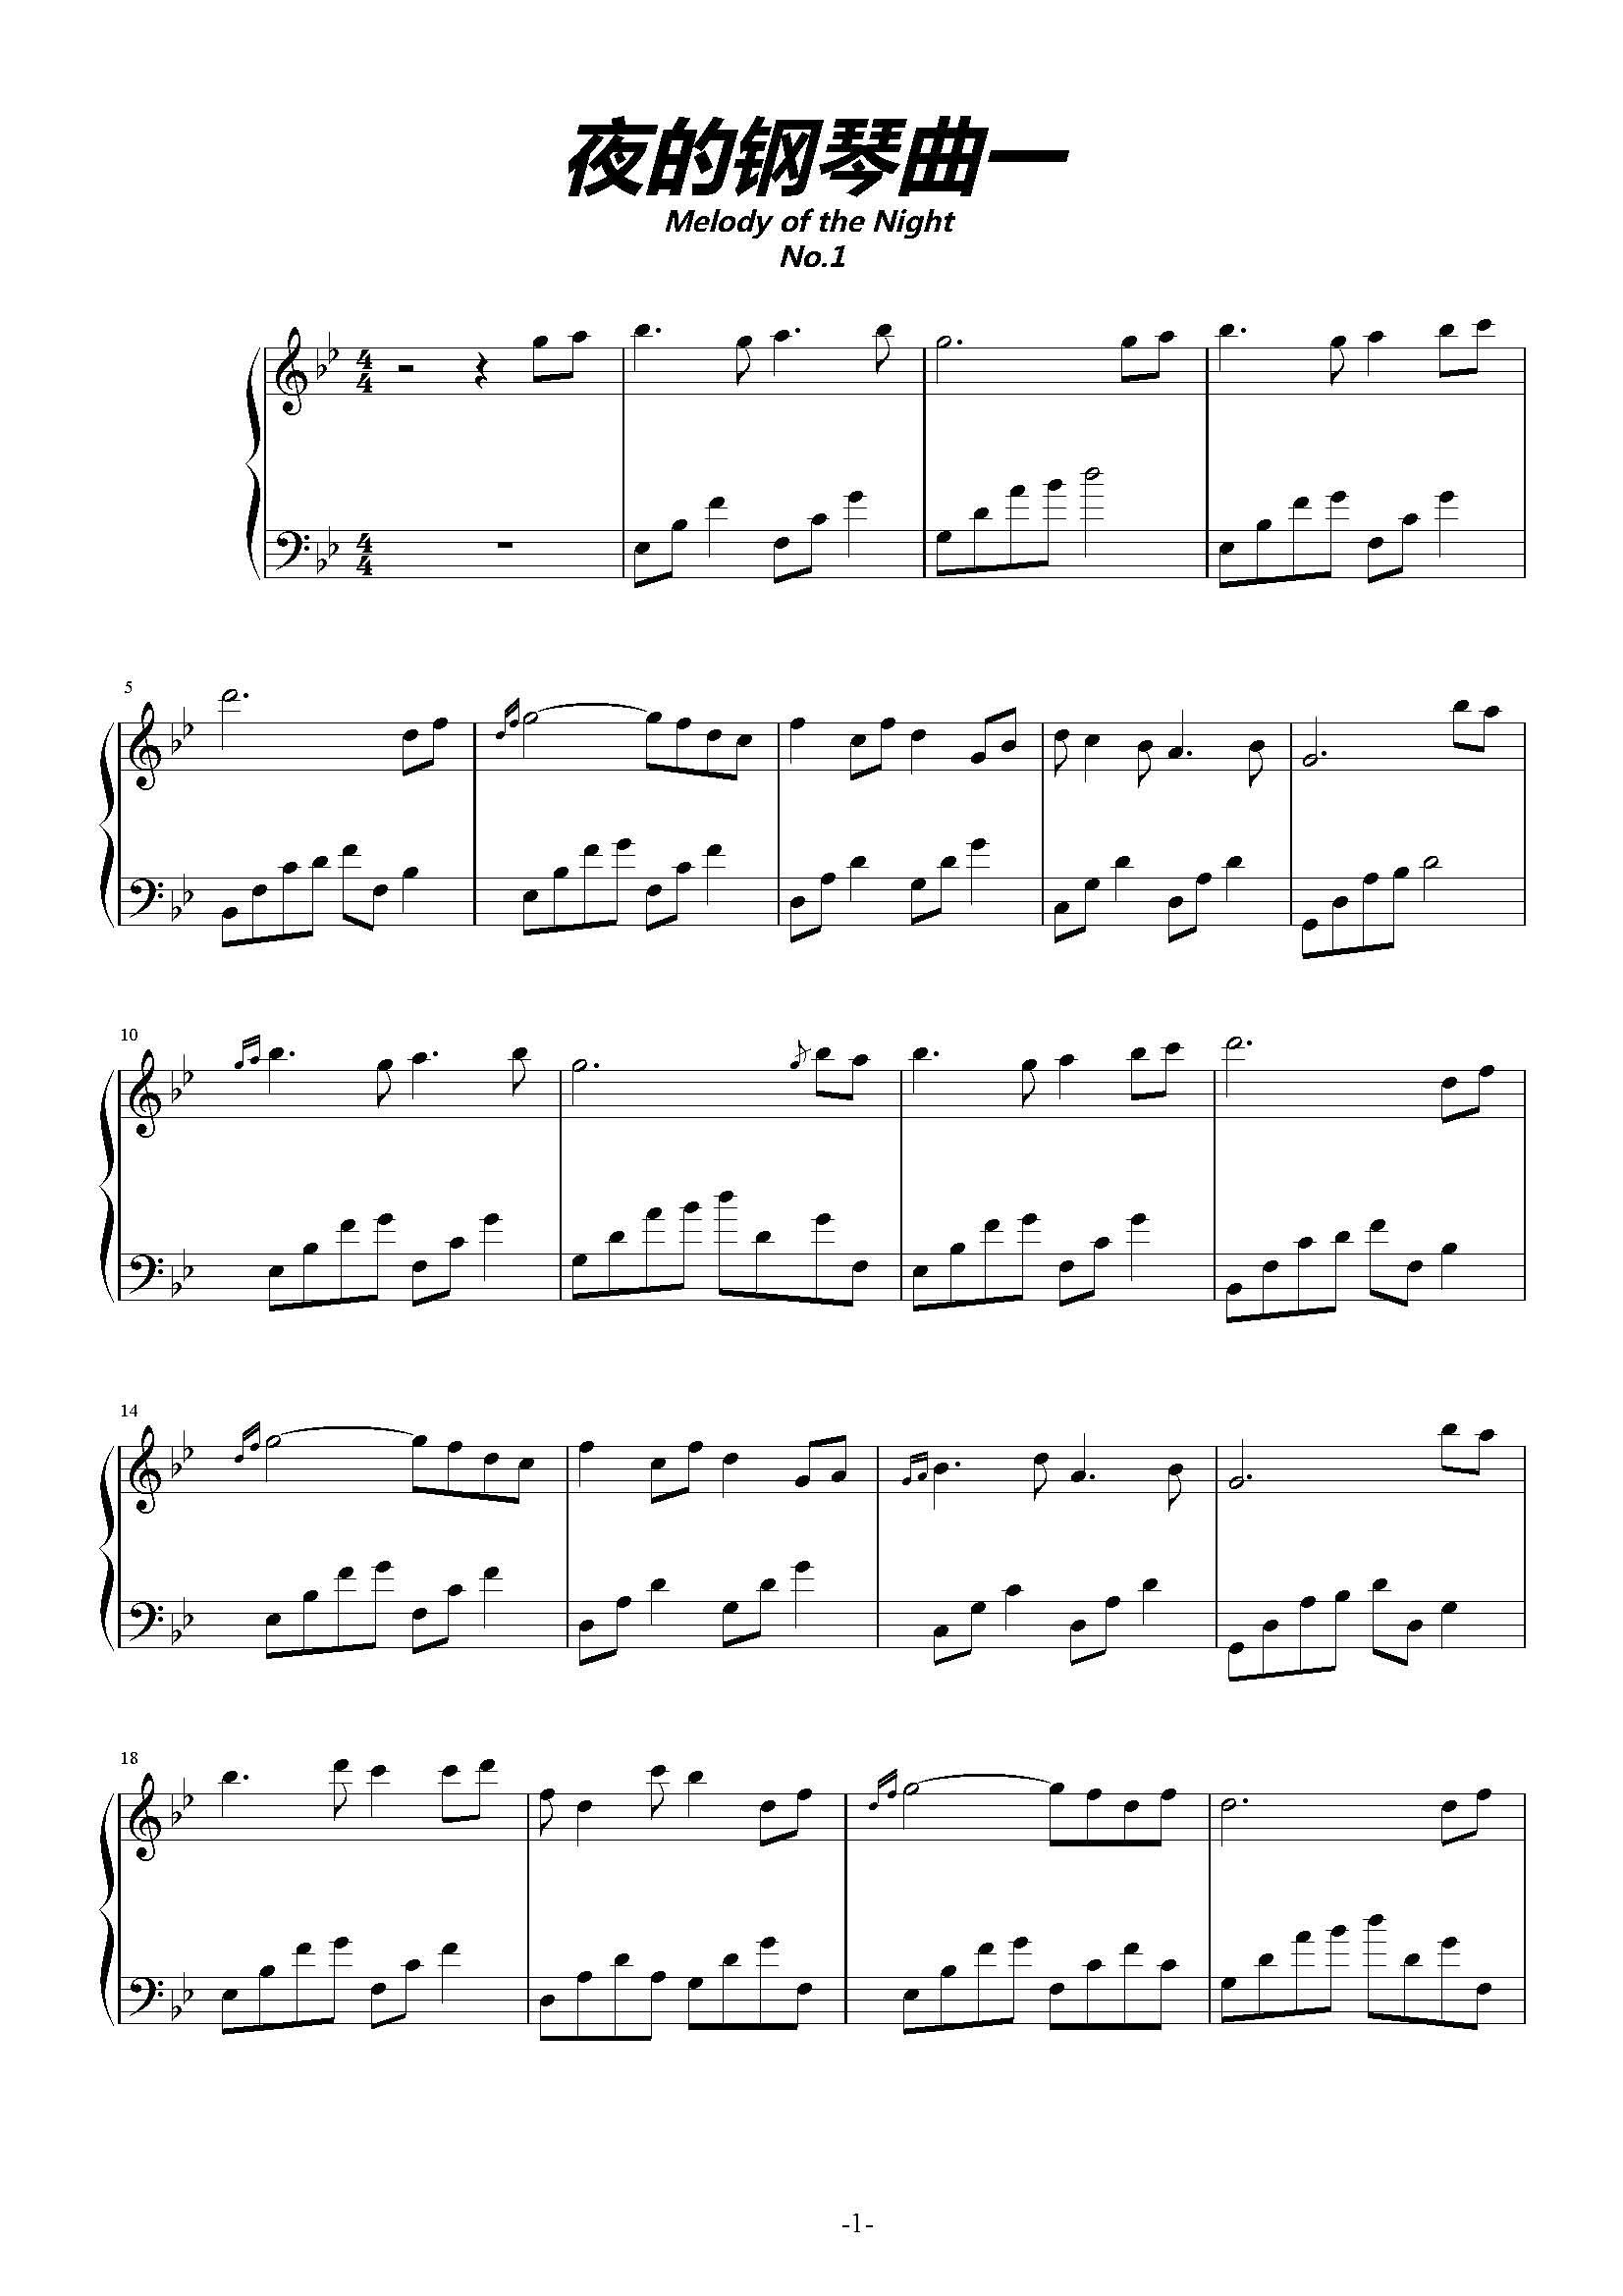 谁给我夜的钢琴曲一 五线谱图片